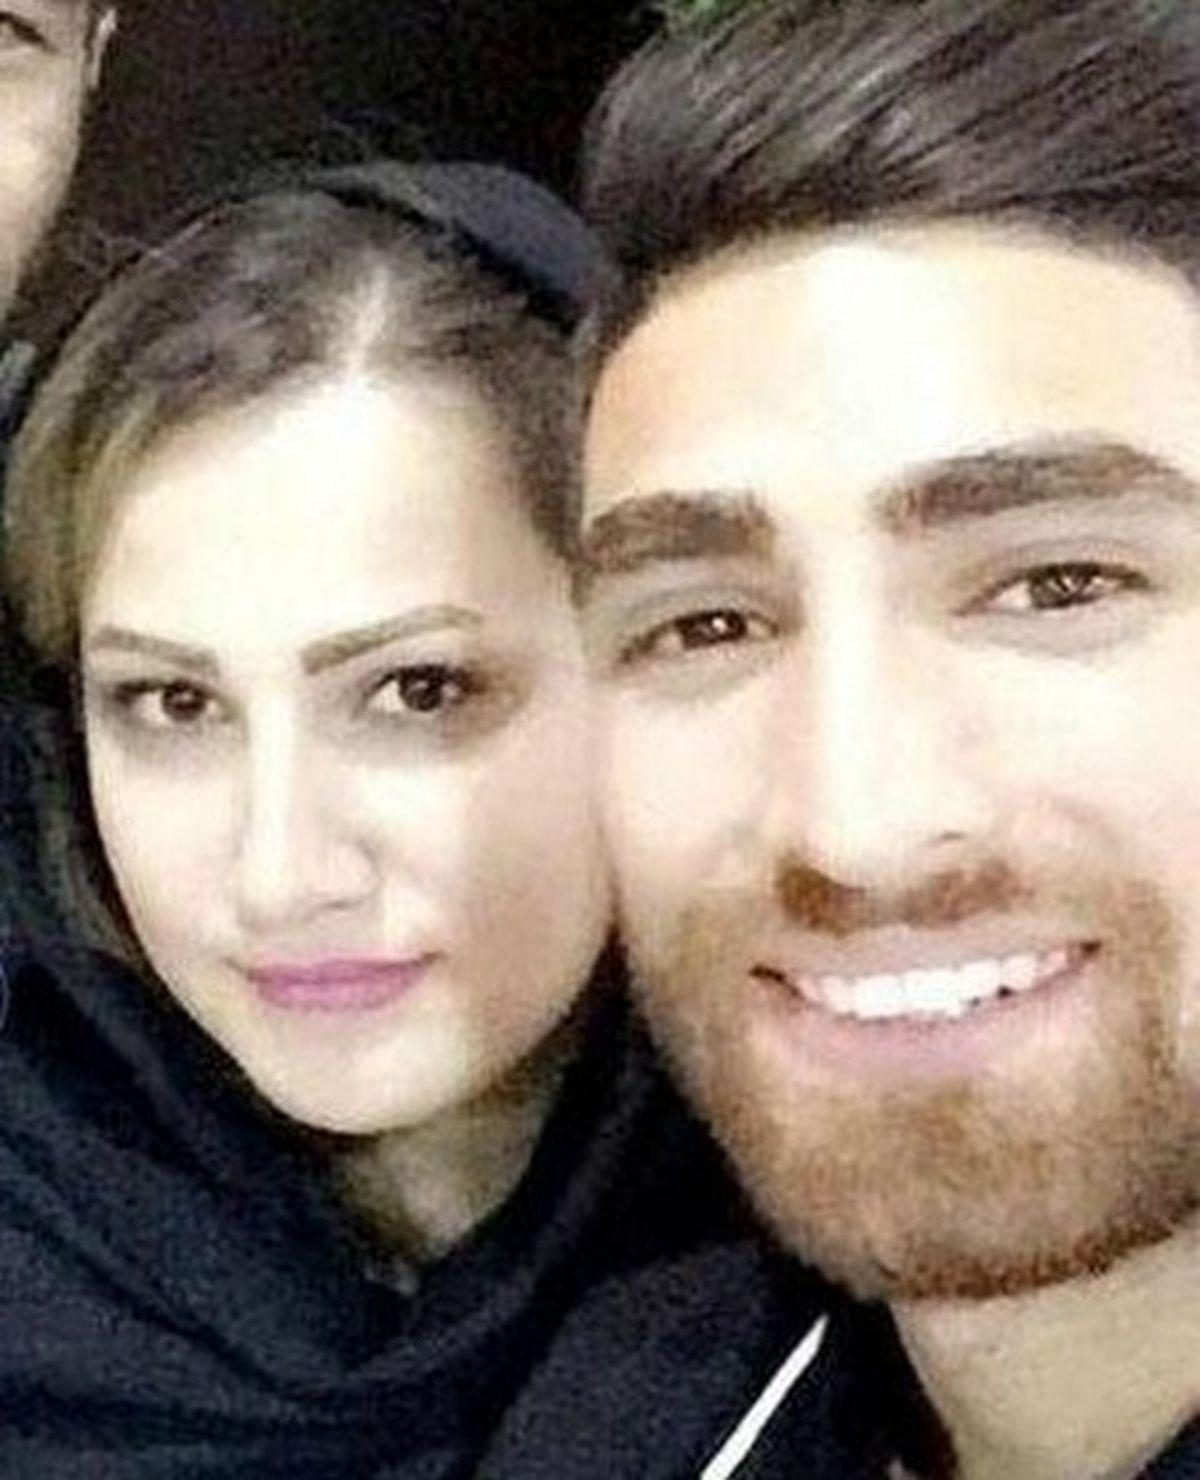 ازدواج علیرضا جهانبخش ؟ + تبریک سردار آزمون